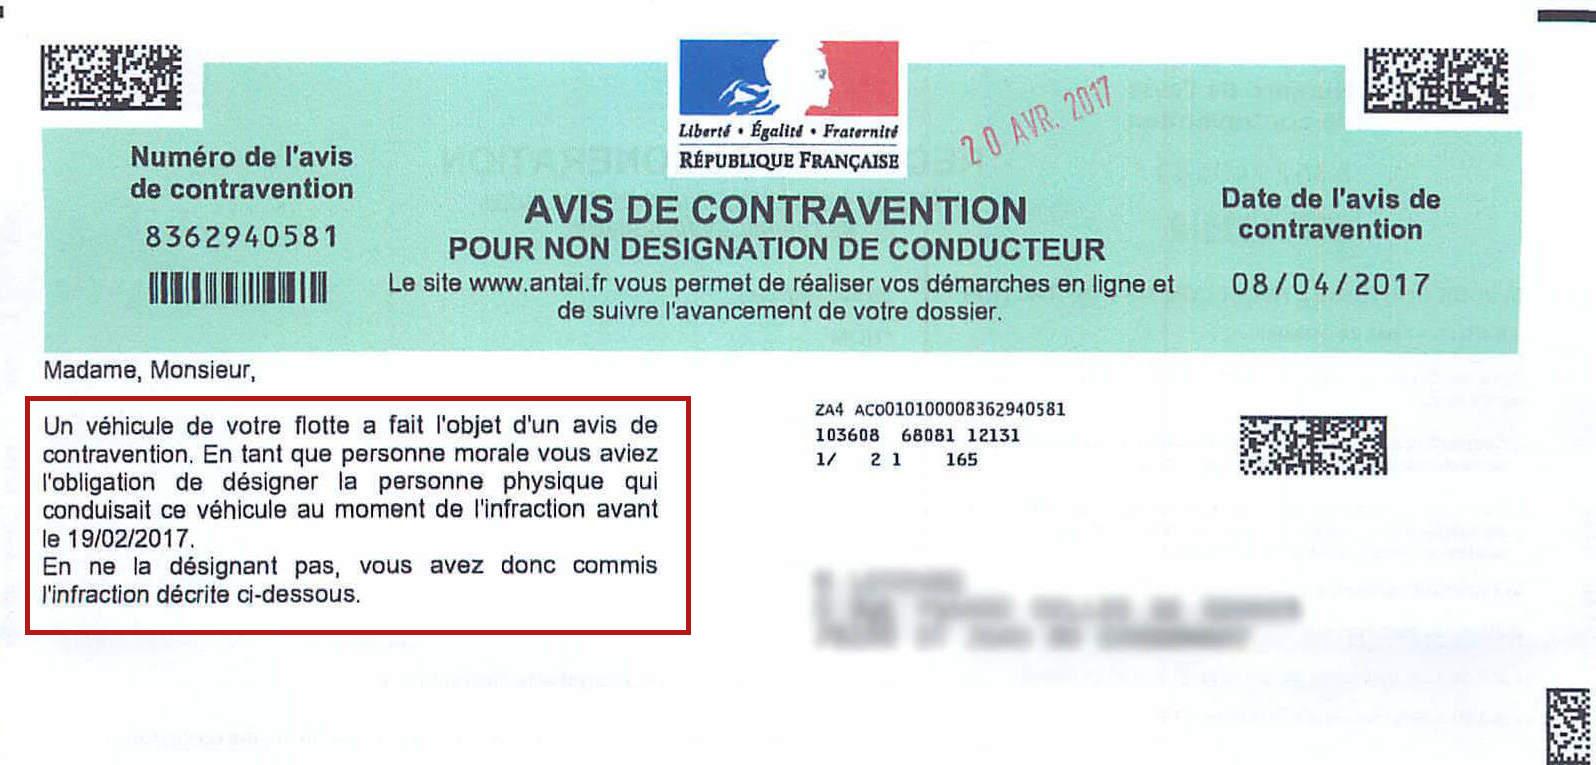 PV non designation